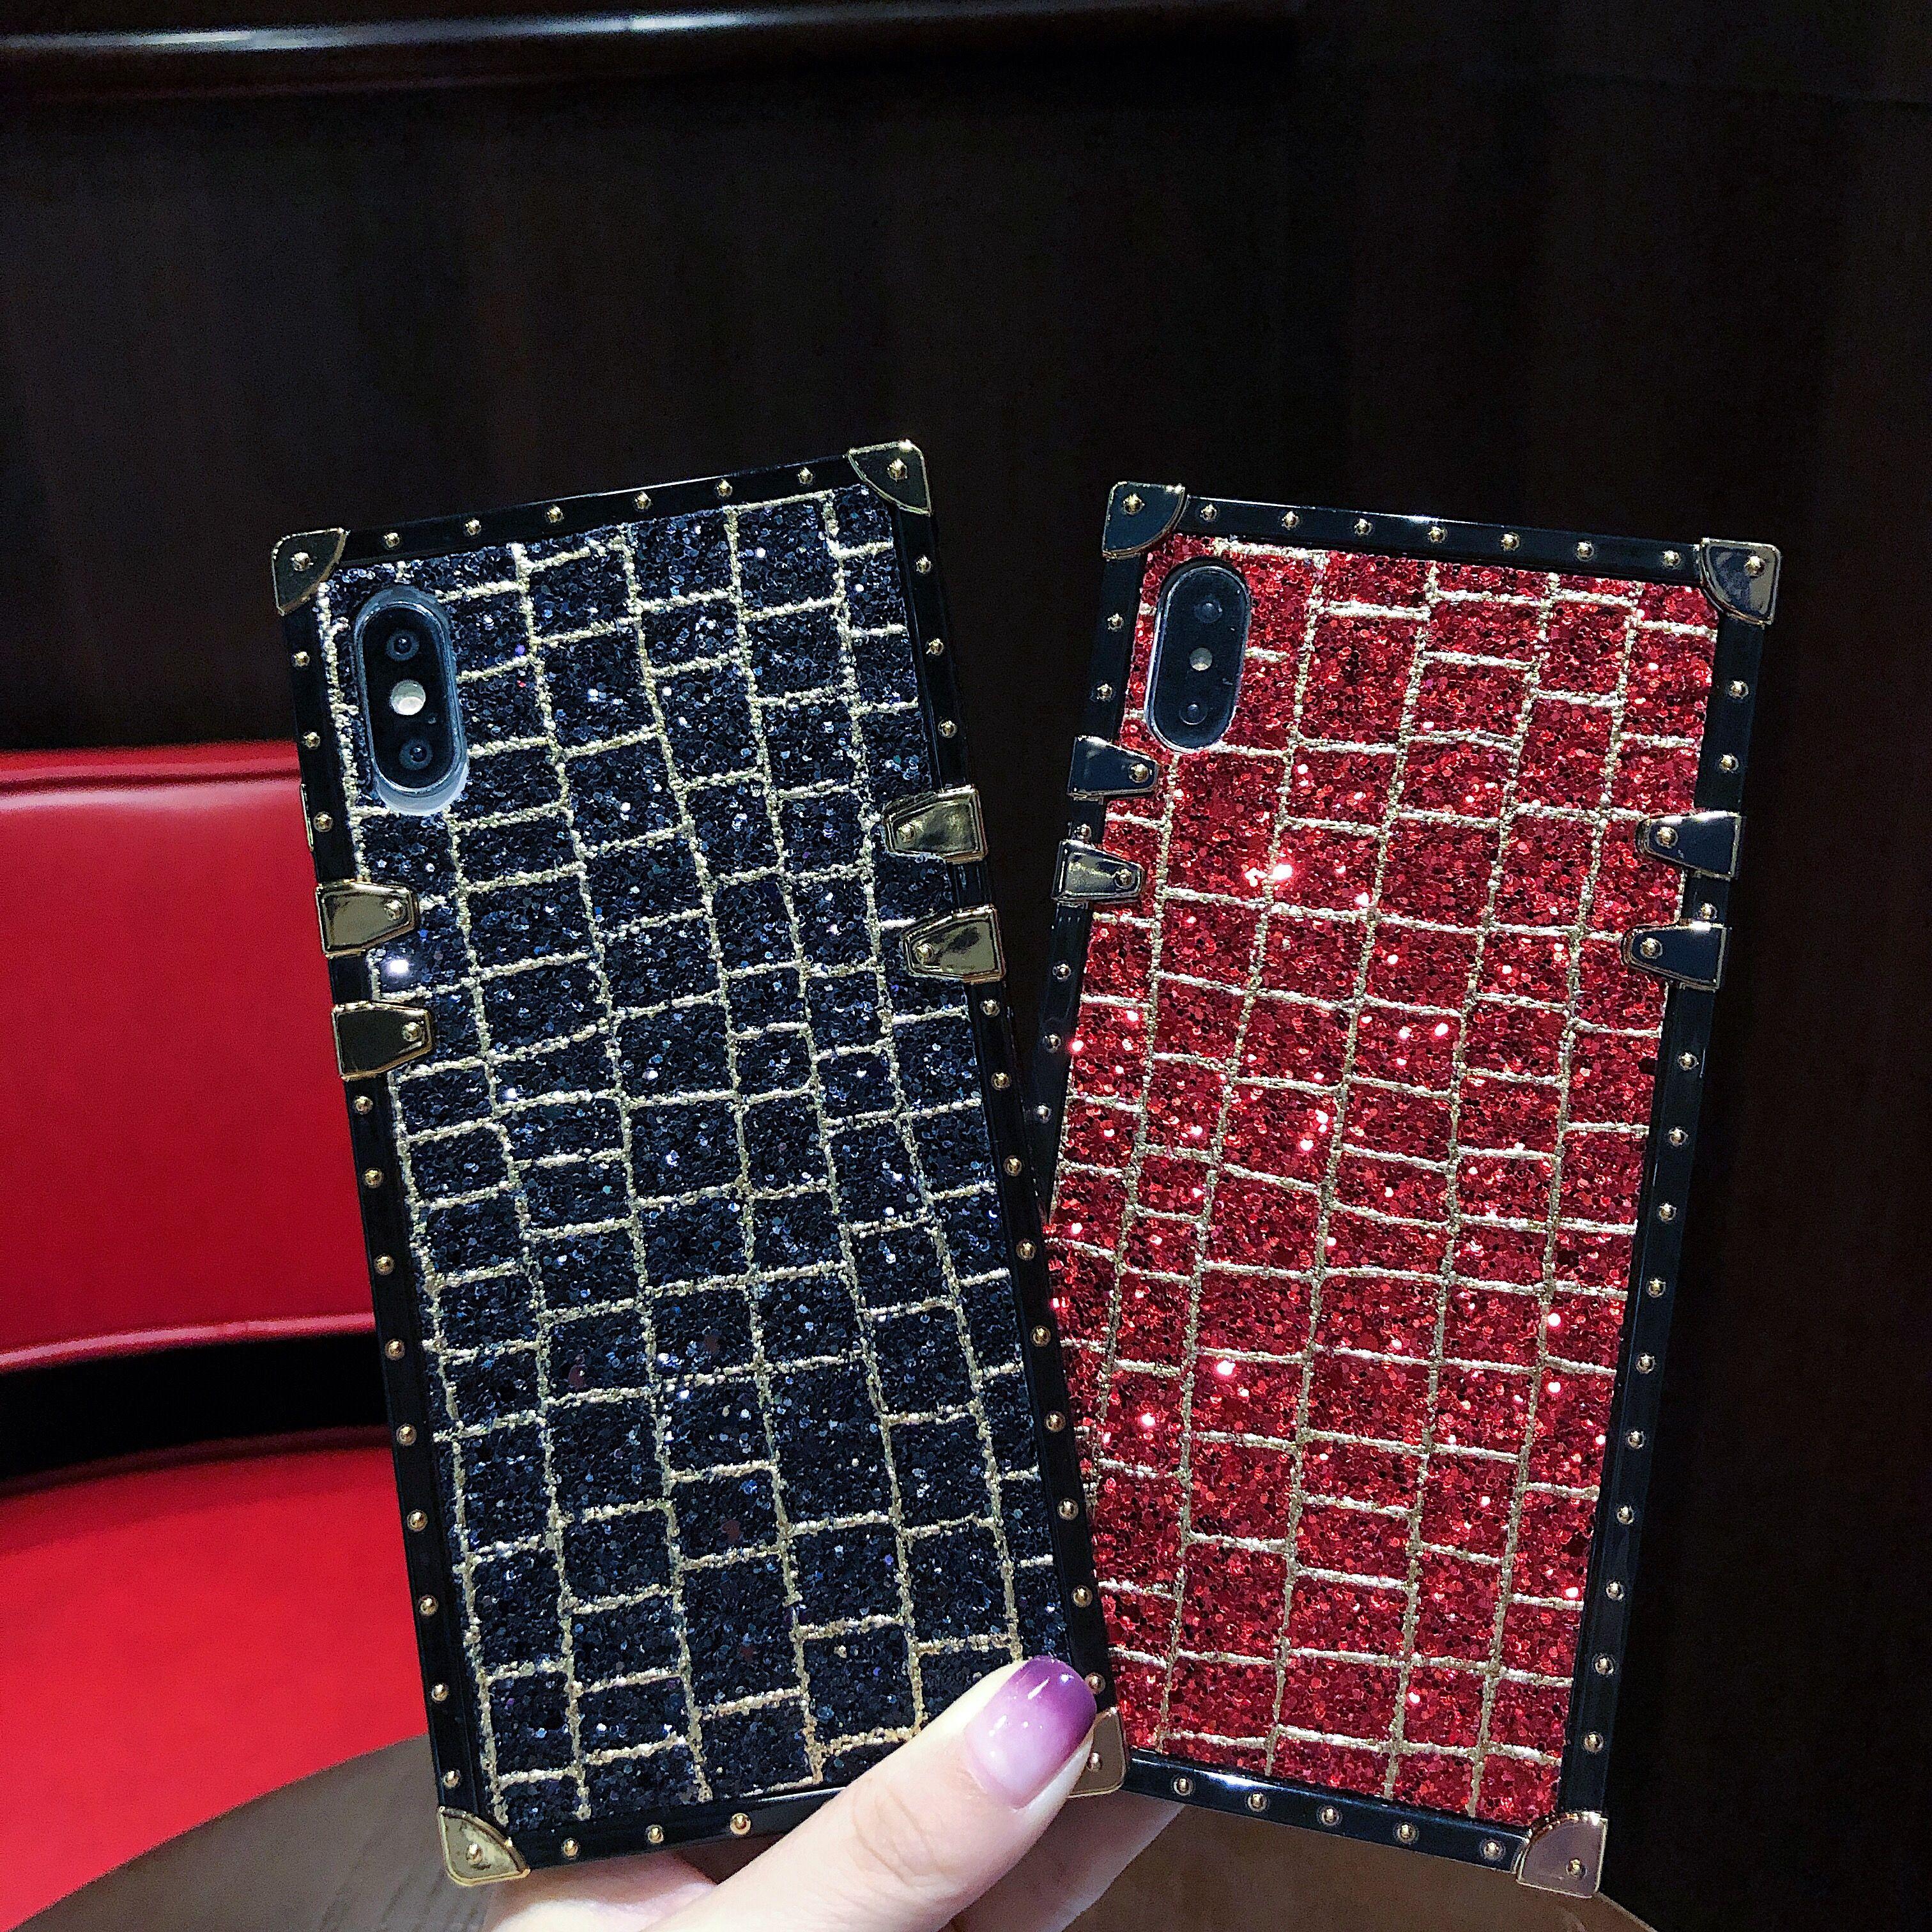 Diamantes bling de lujo a prueba de golpes Shining caja del teléfono de lujo para el iPhone 11 / X / XR / XS Max / 8/7 más 6 / 6S plus